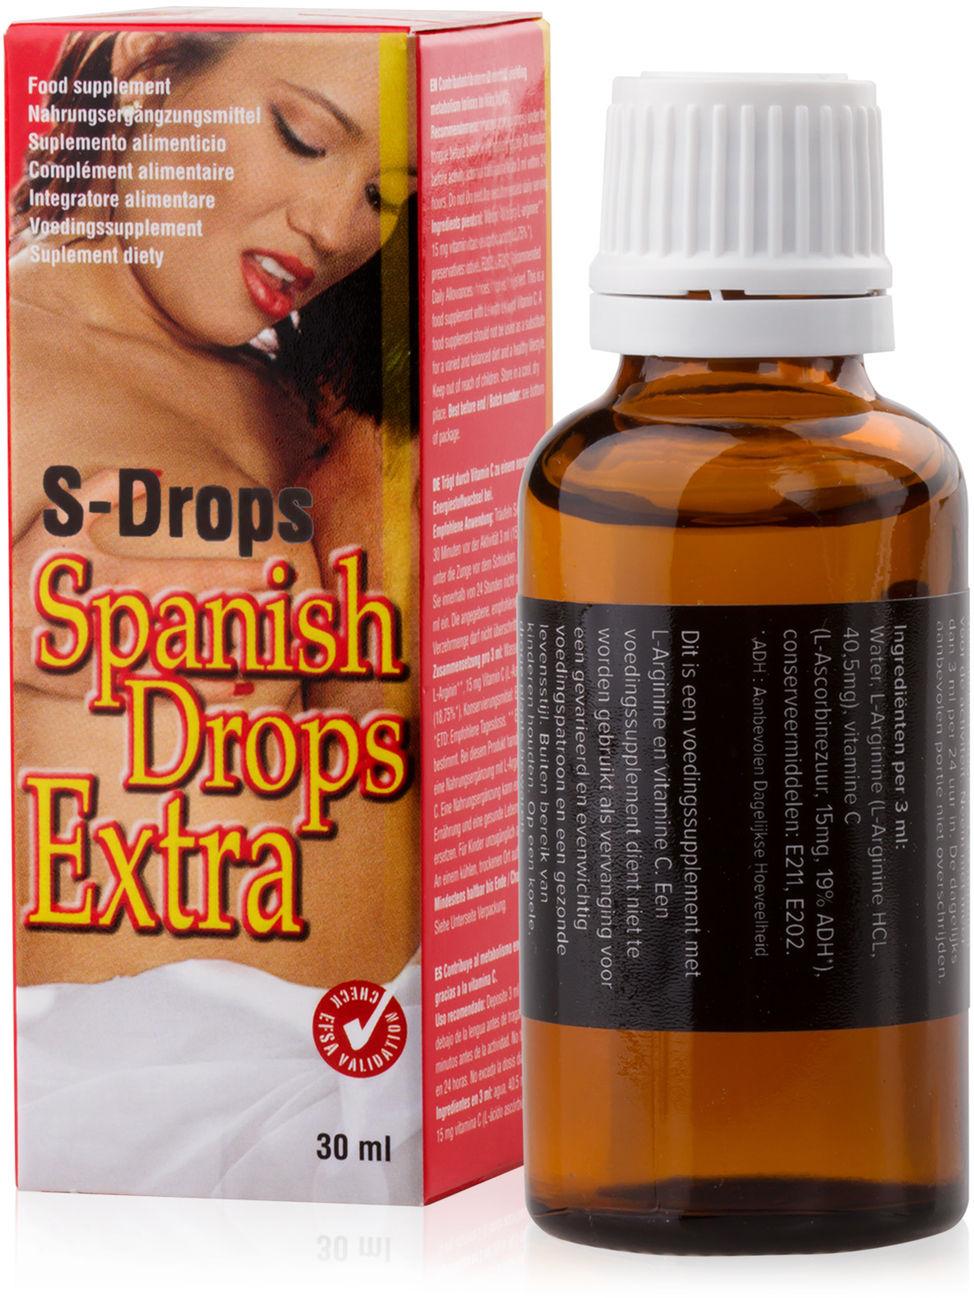 SUPLEMENT DIETY SPANISH DROPS EXTRA - SILNE I SZYBKIE DZIAŁANIE 30ml - IIF 652727